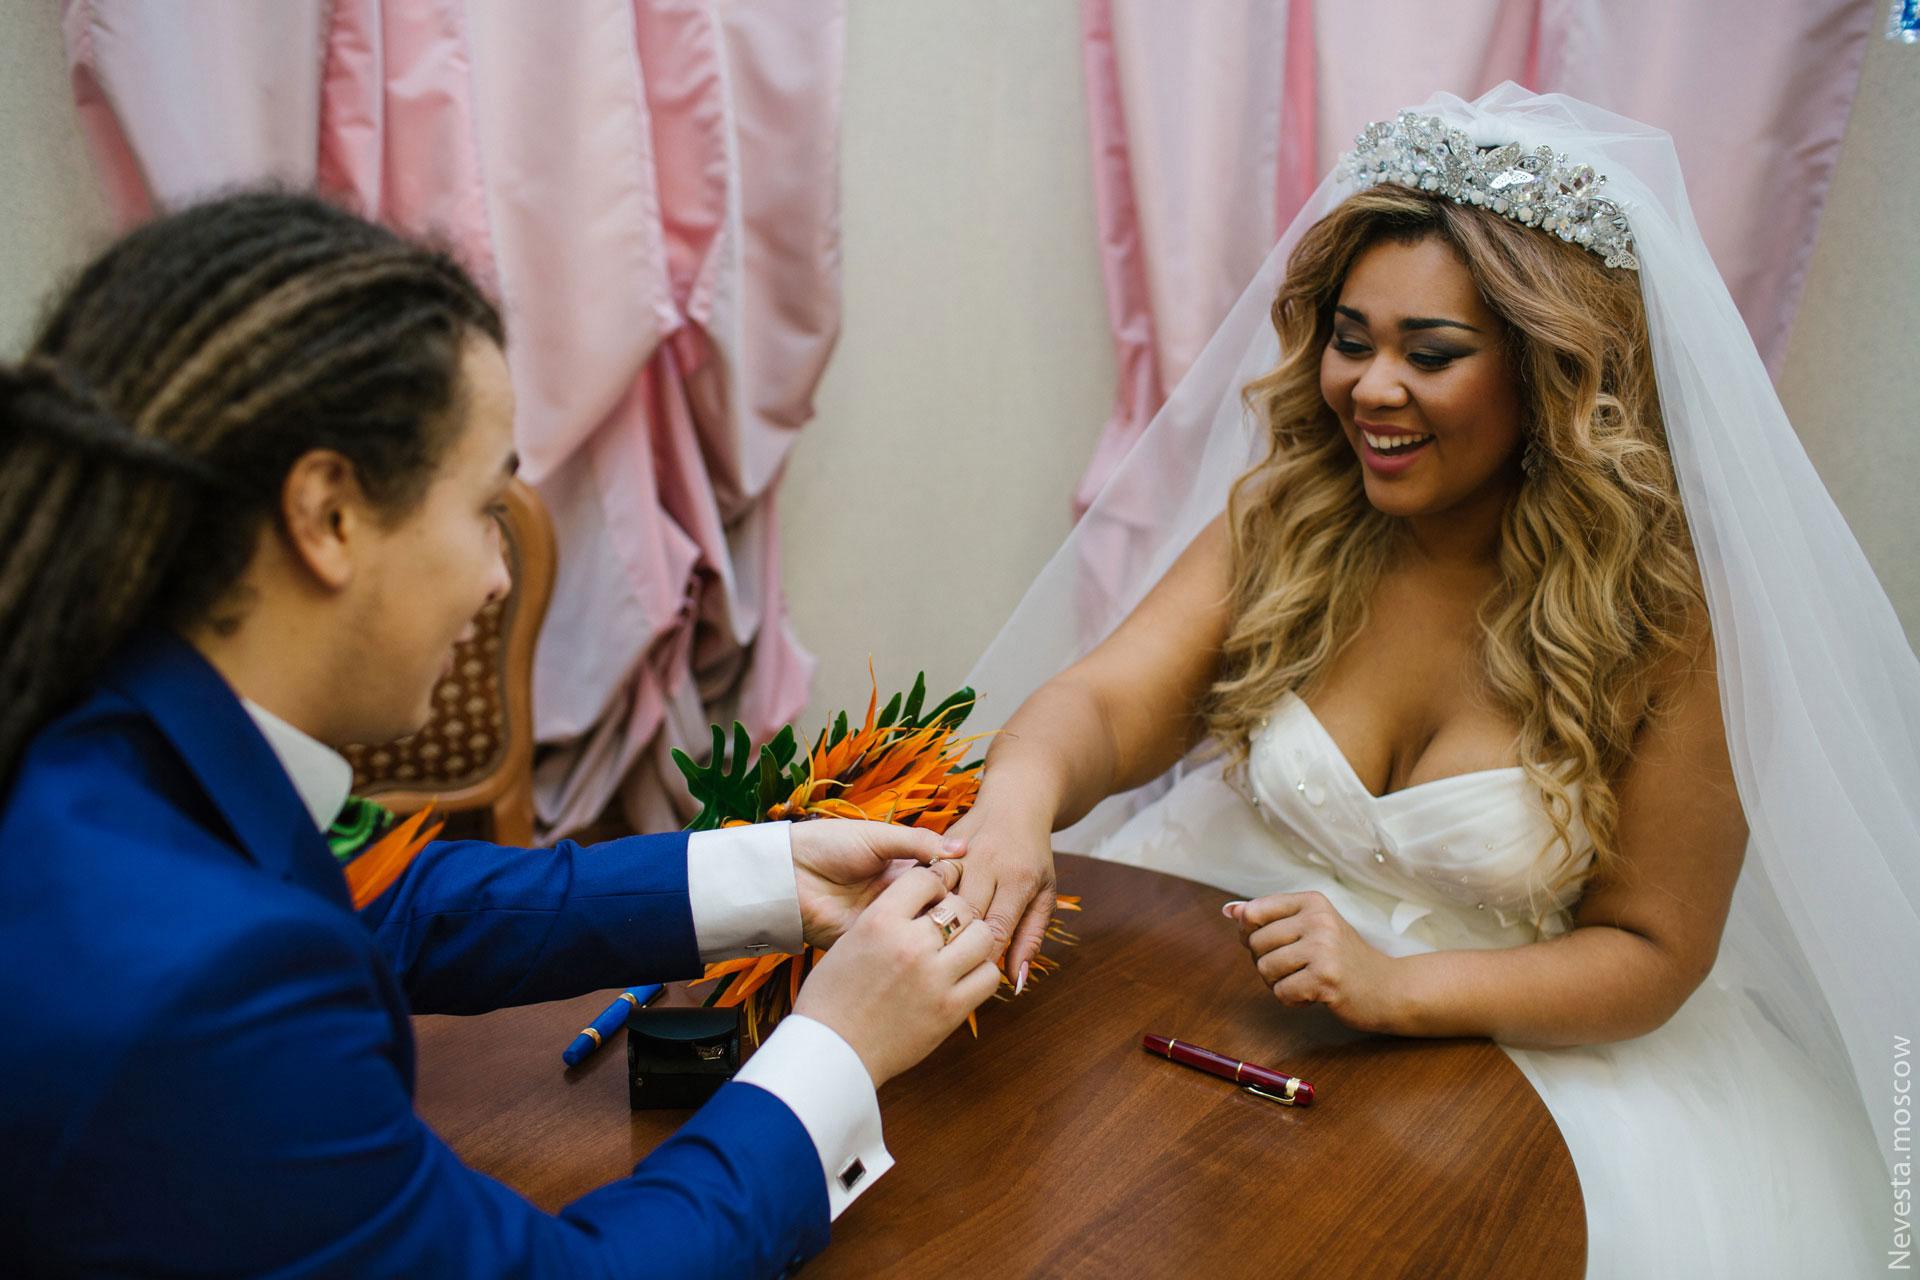 Экзотическая Ямайка. Свадьба Корнелии Манго и Богдана Дюрдя фото 22